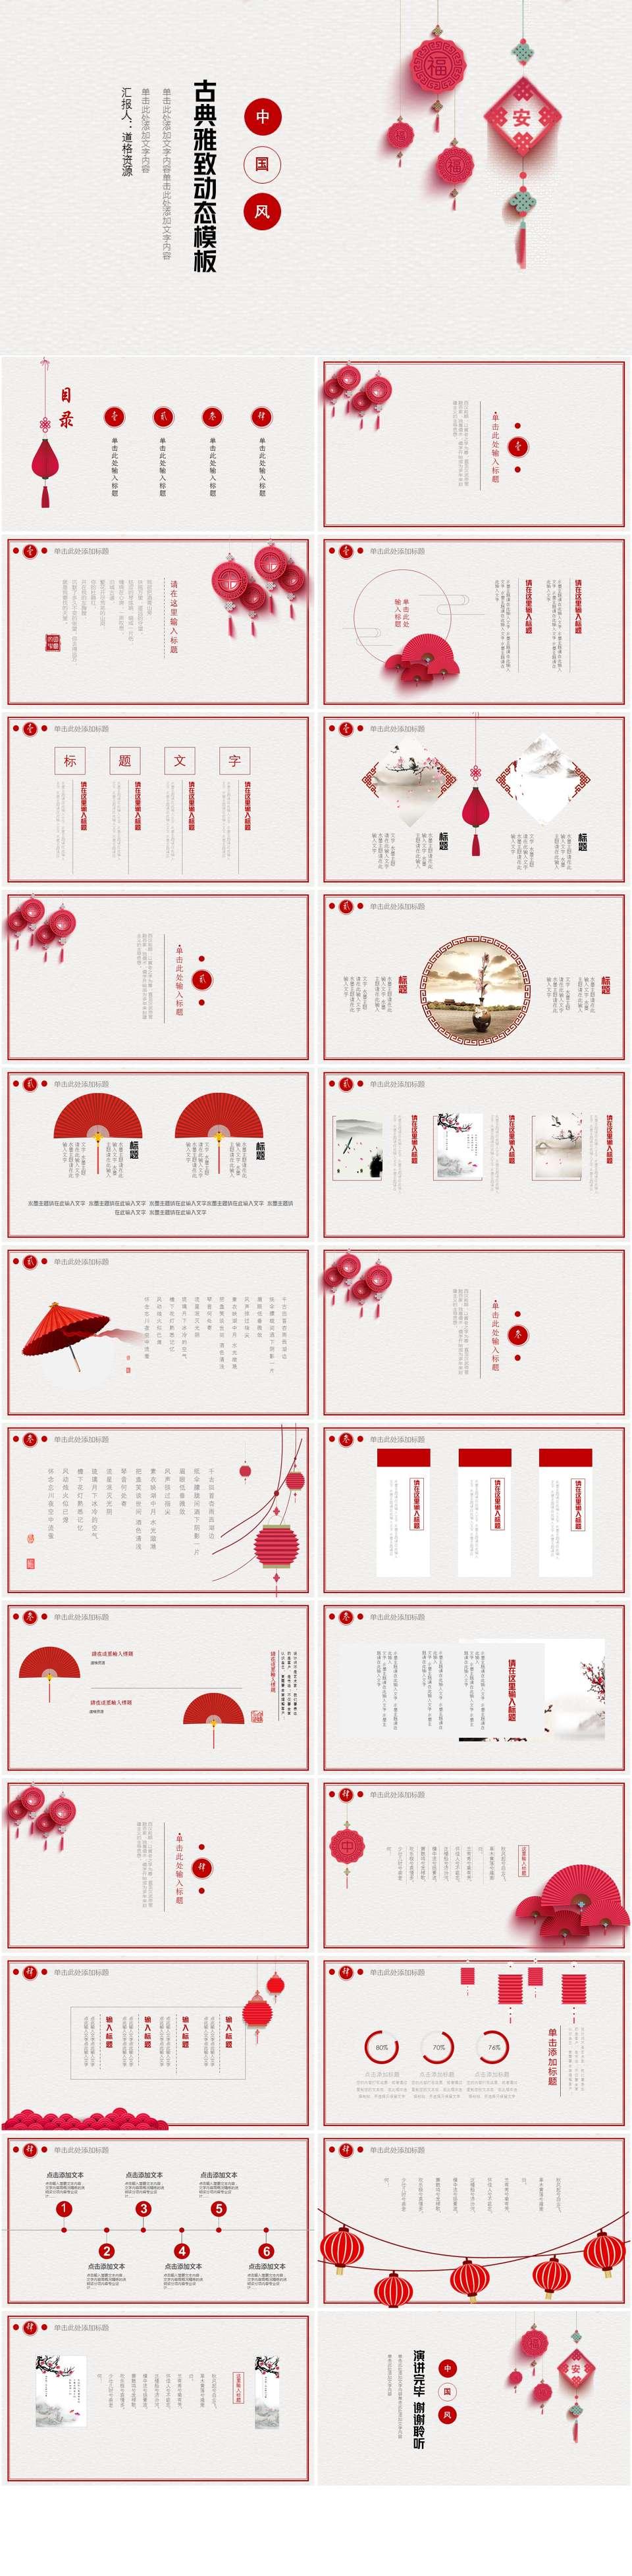 简洁喜庆中国风工作总结年终总结通用PPT模板插图1